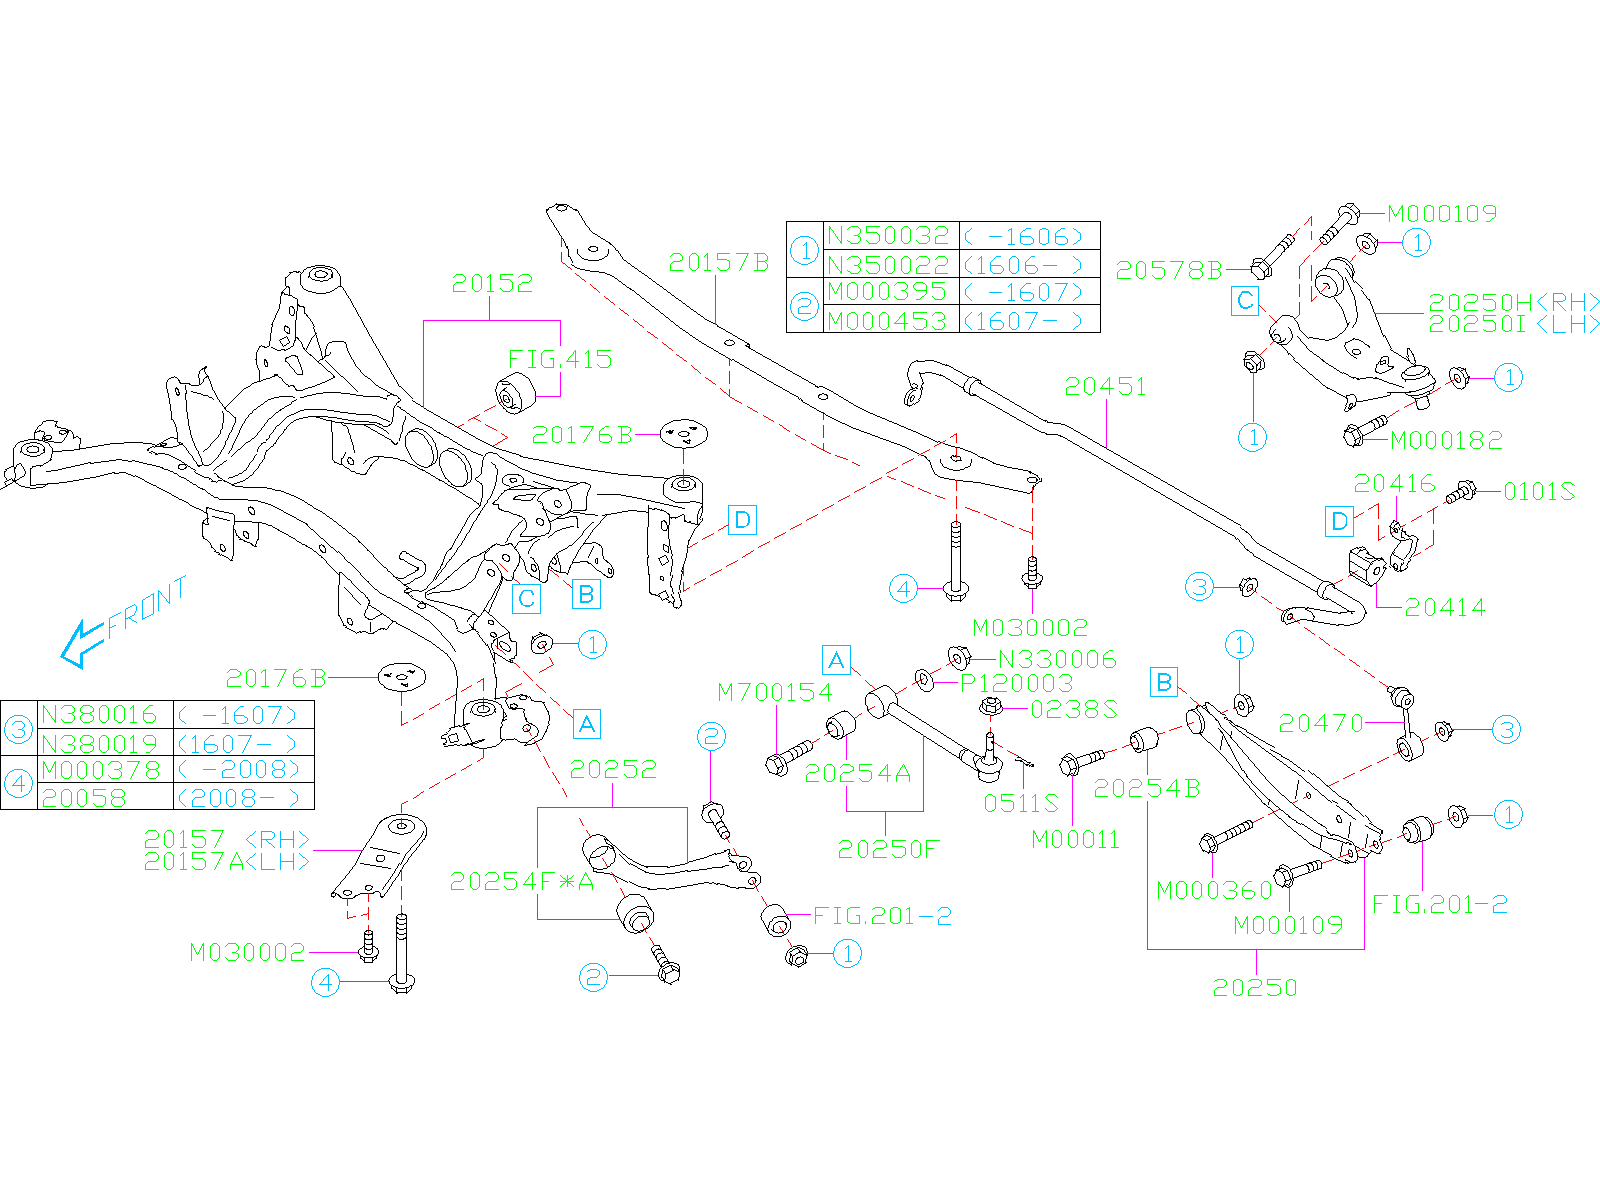 20451fg020 - Suspension Stabilizer Bar  Rear